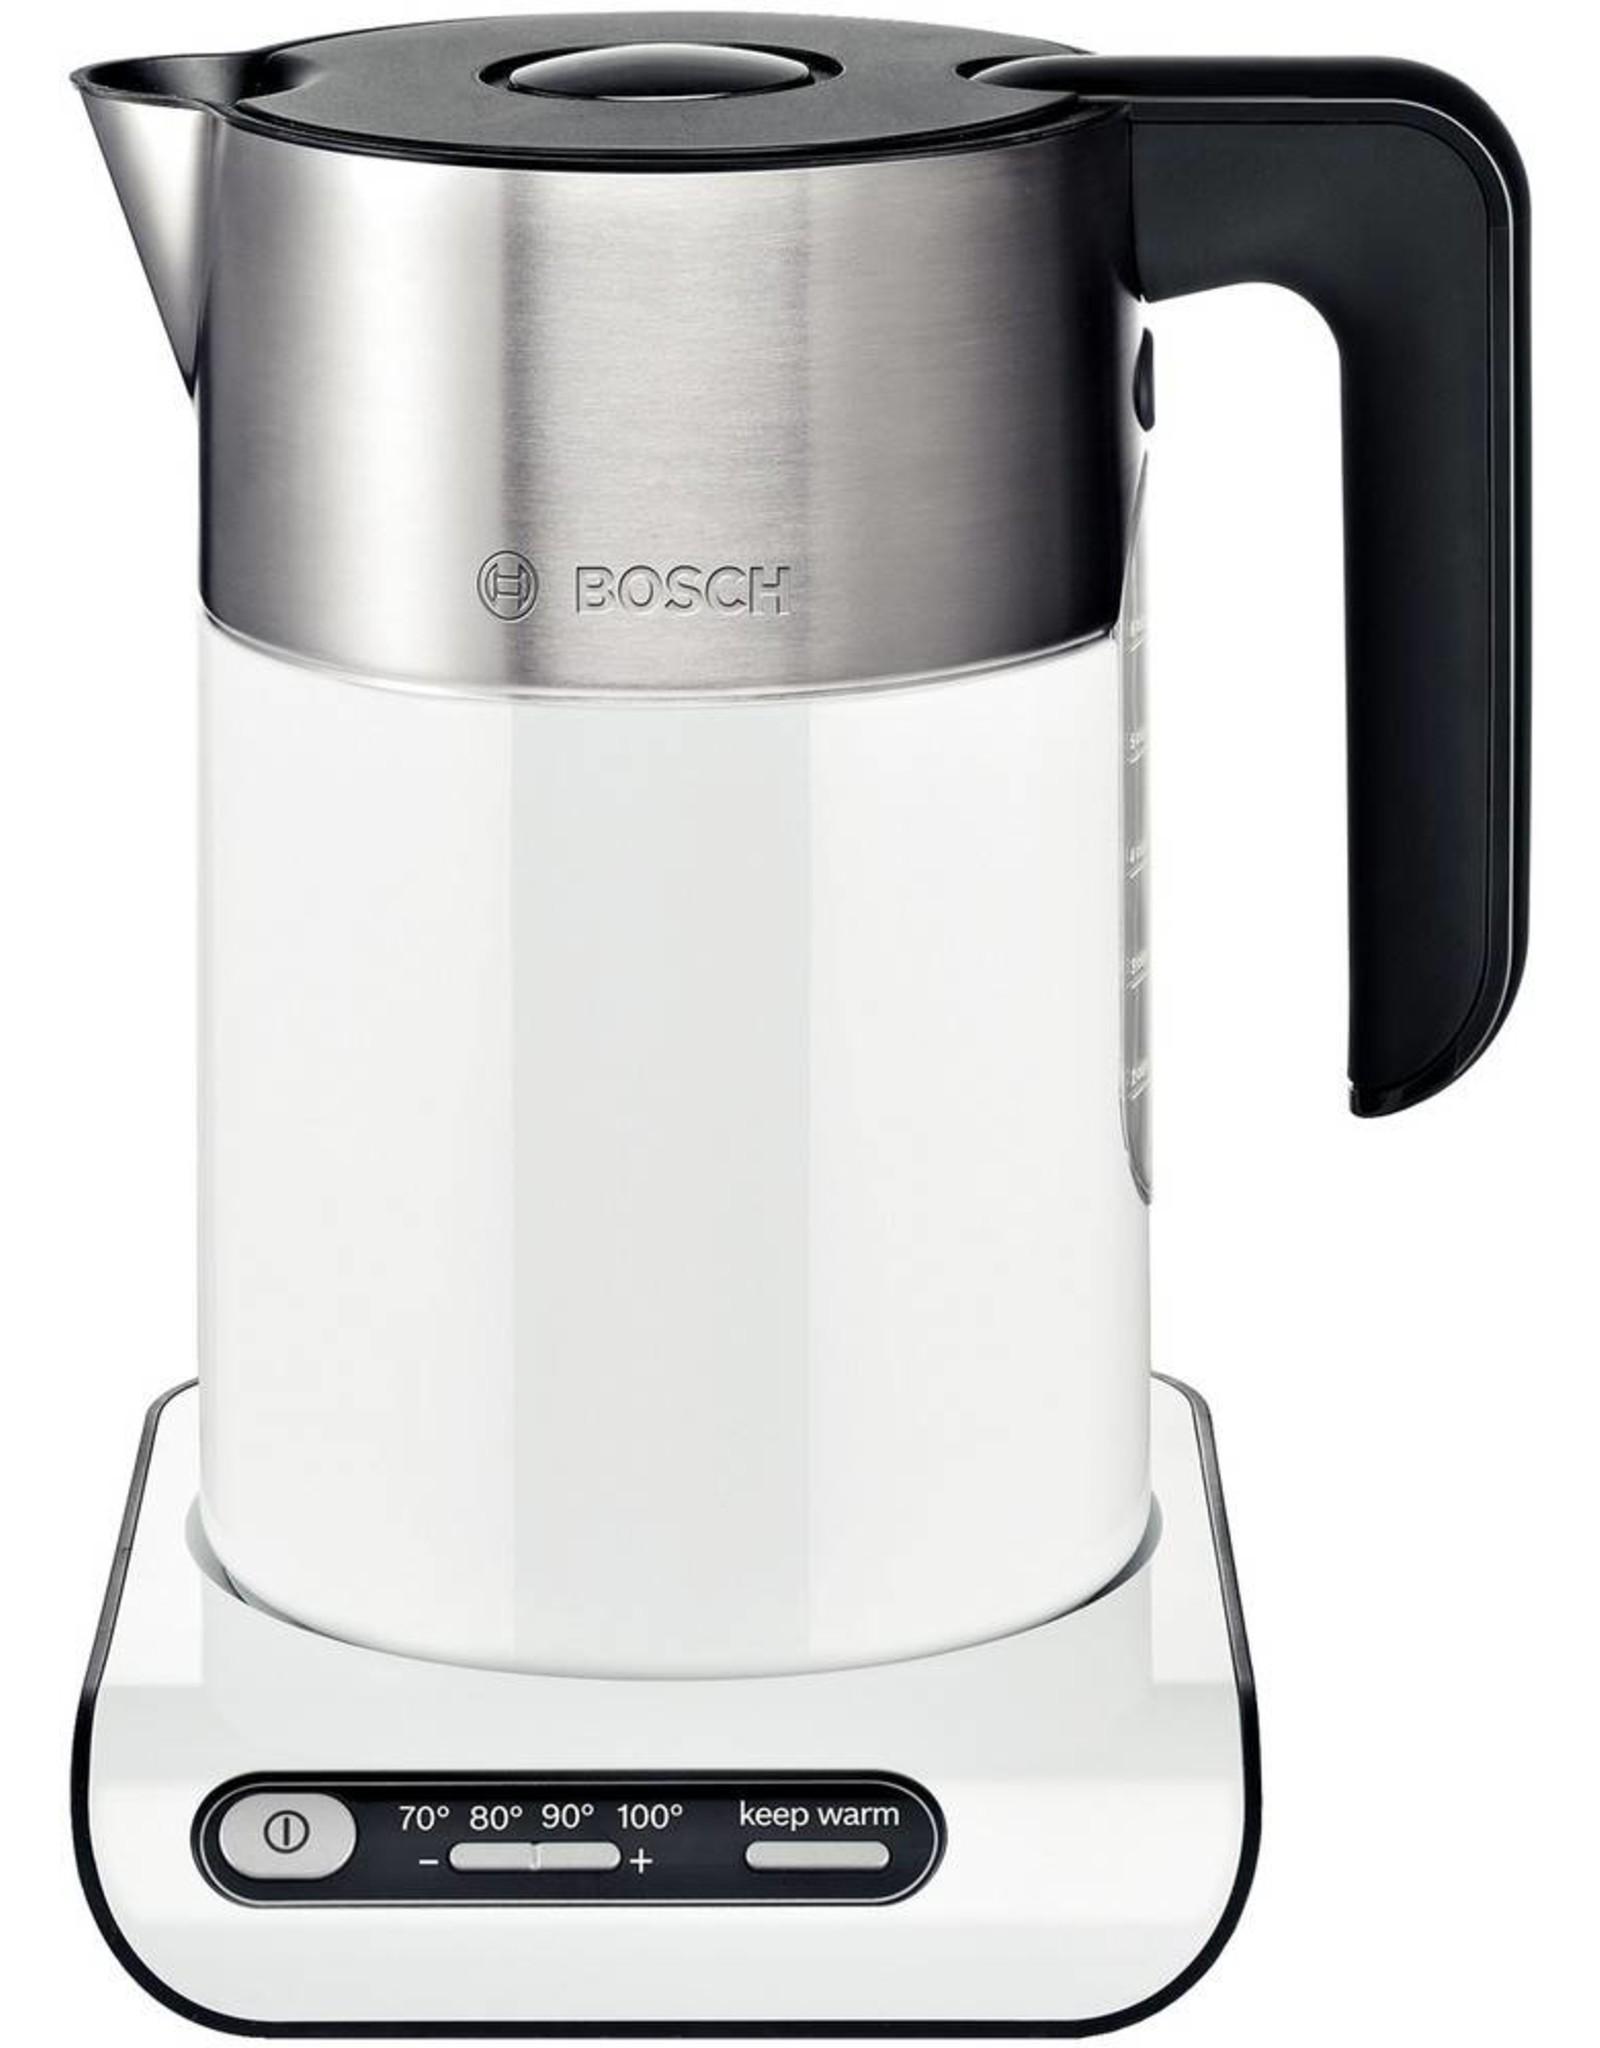 Bosch Bosch TWK8611 waterkoker wit